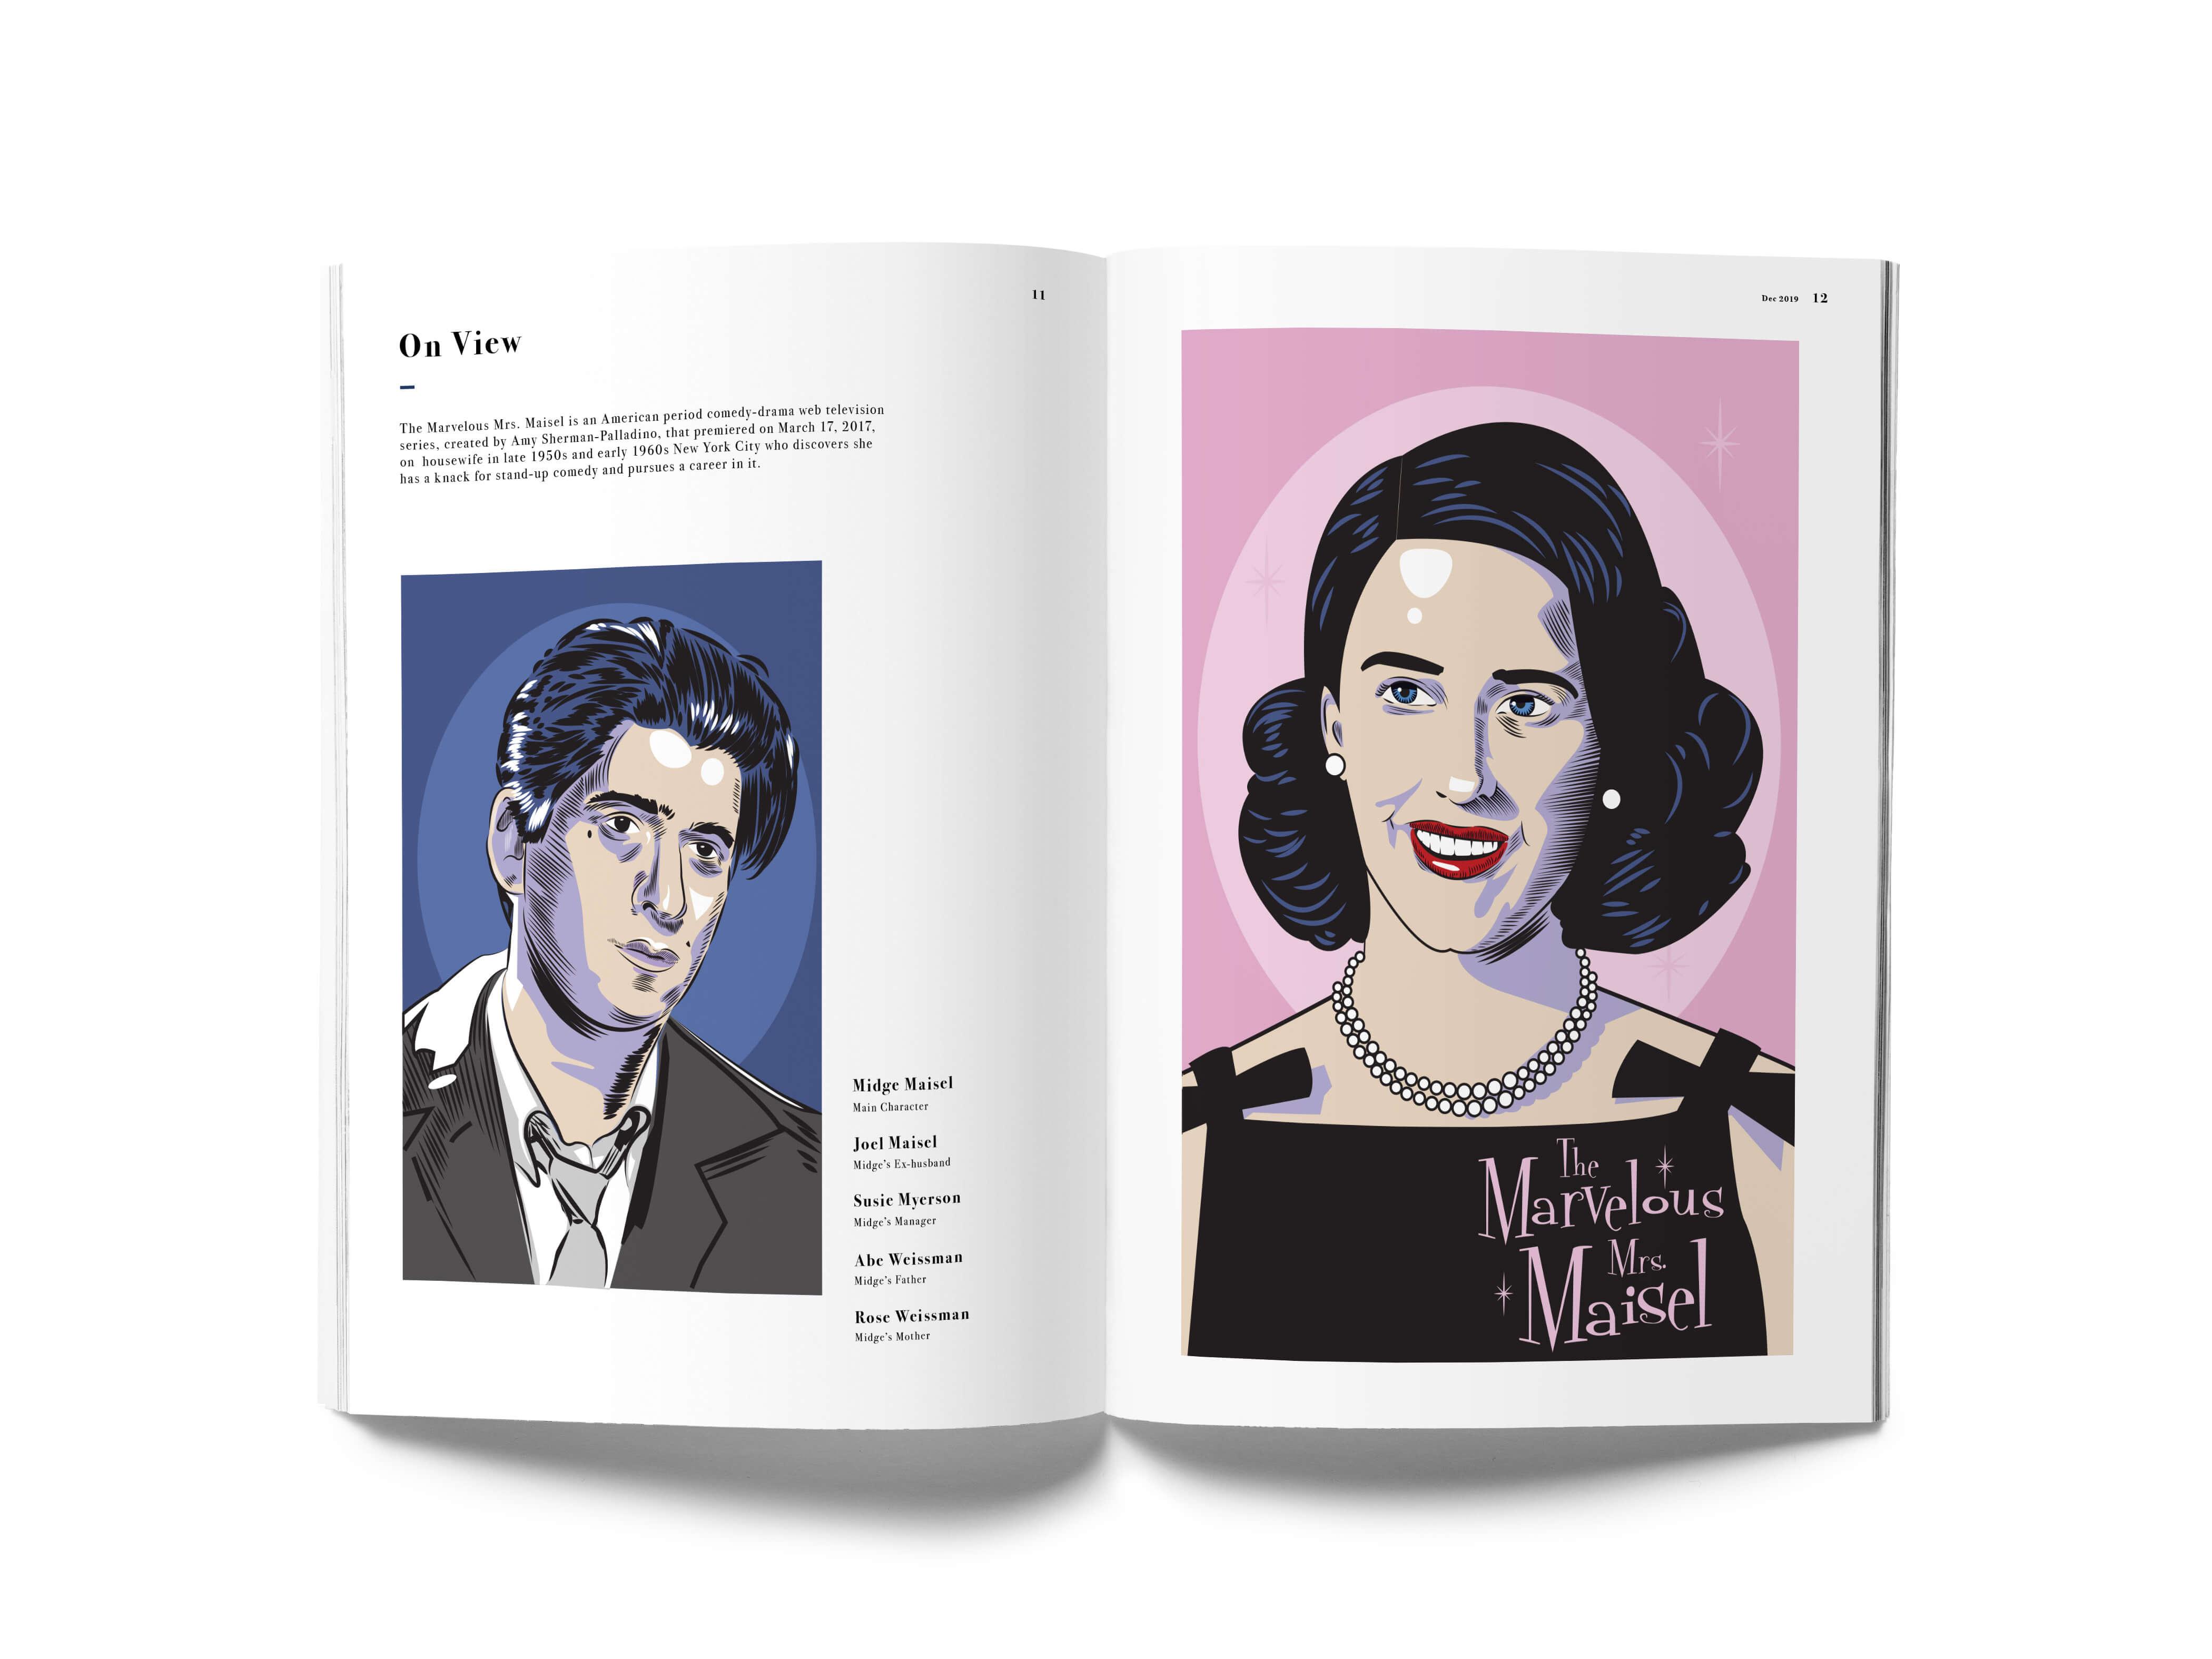 T.V show Marvelous Mr. Maisel portrait illustration mocked up in a magazine